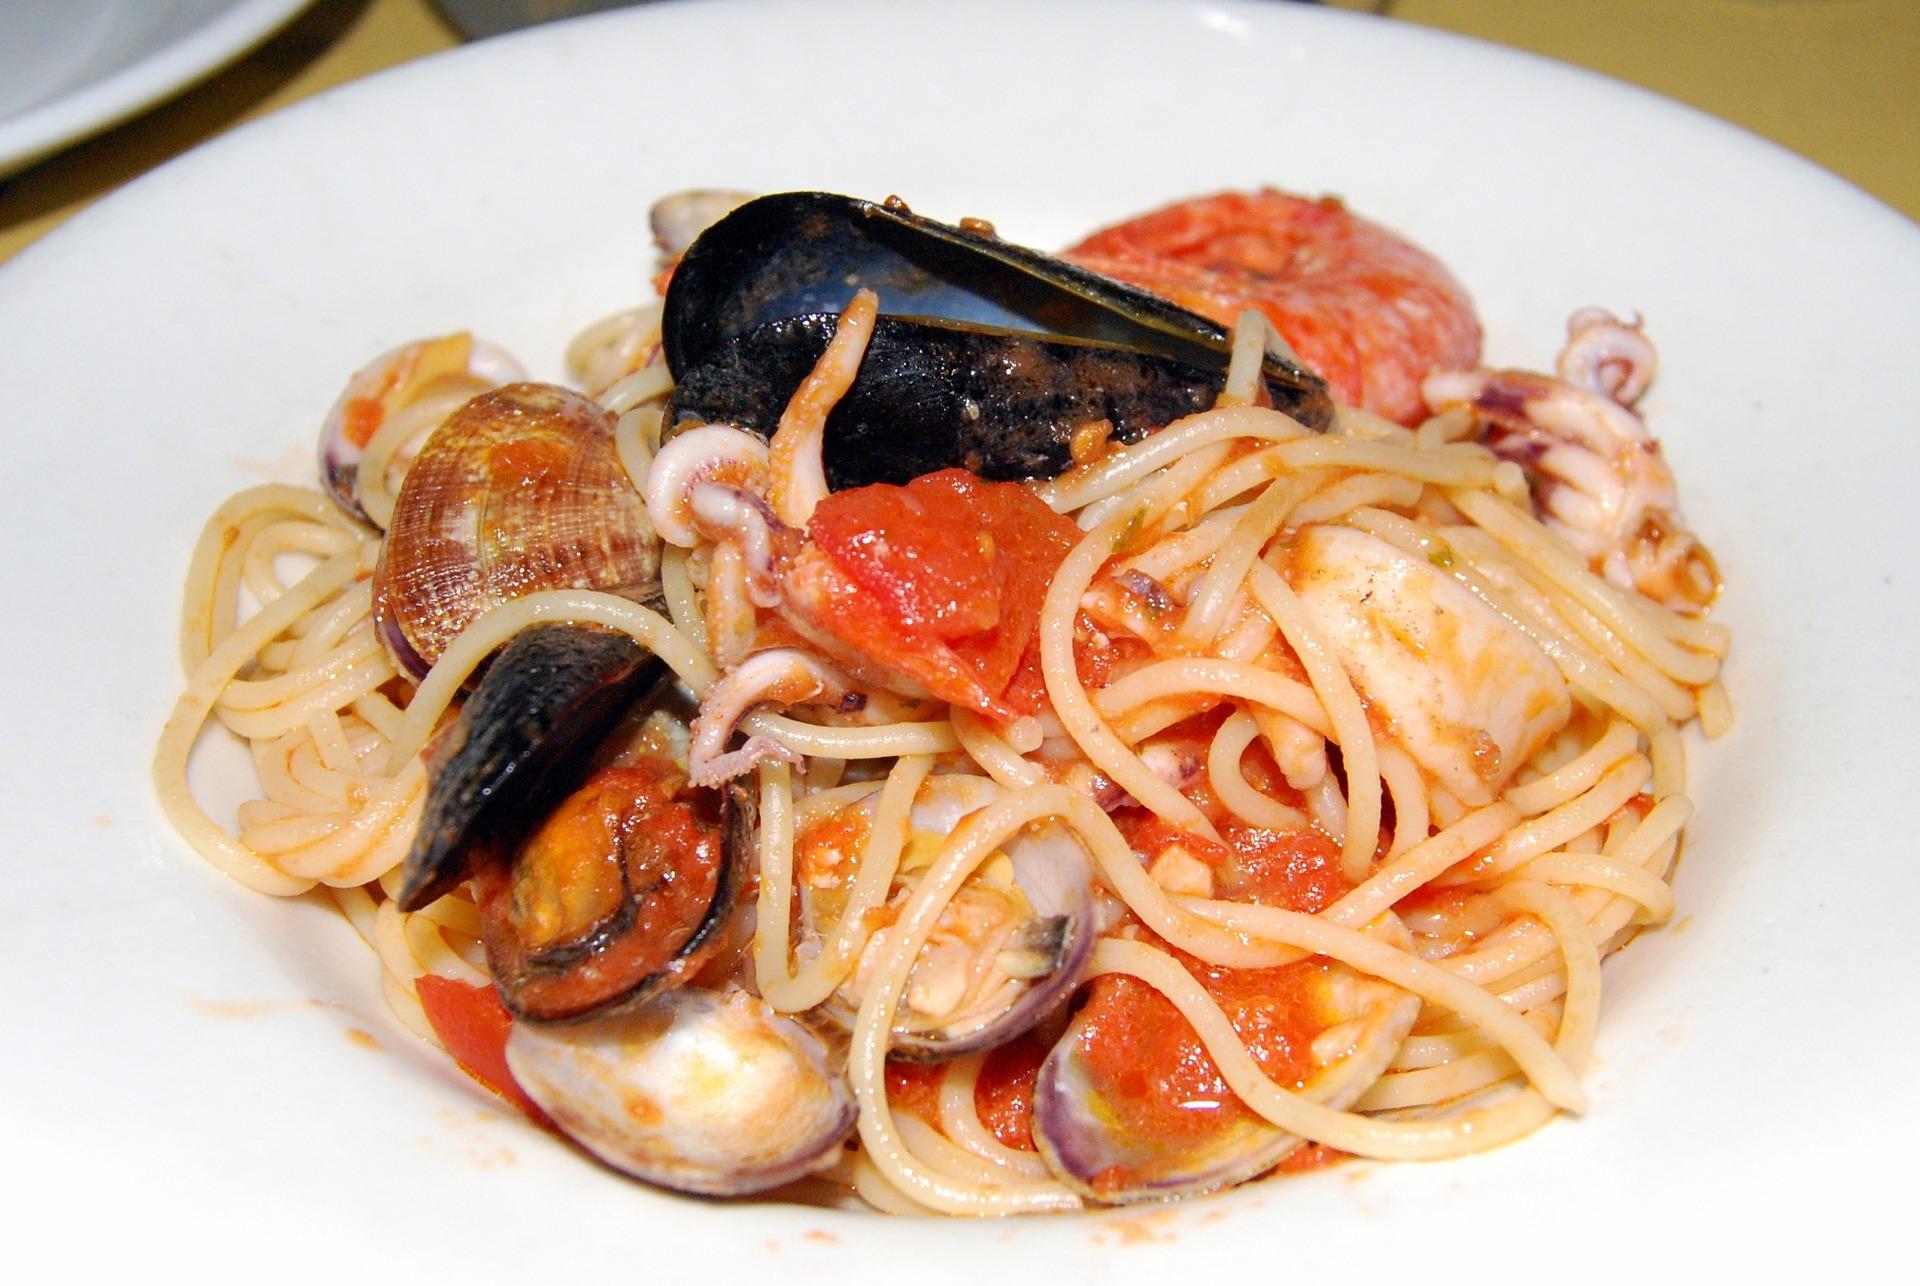 Spaguetti scoglio en la comida italiana.